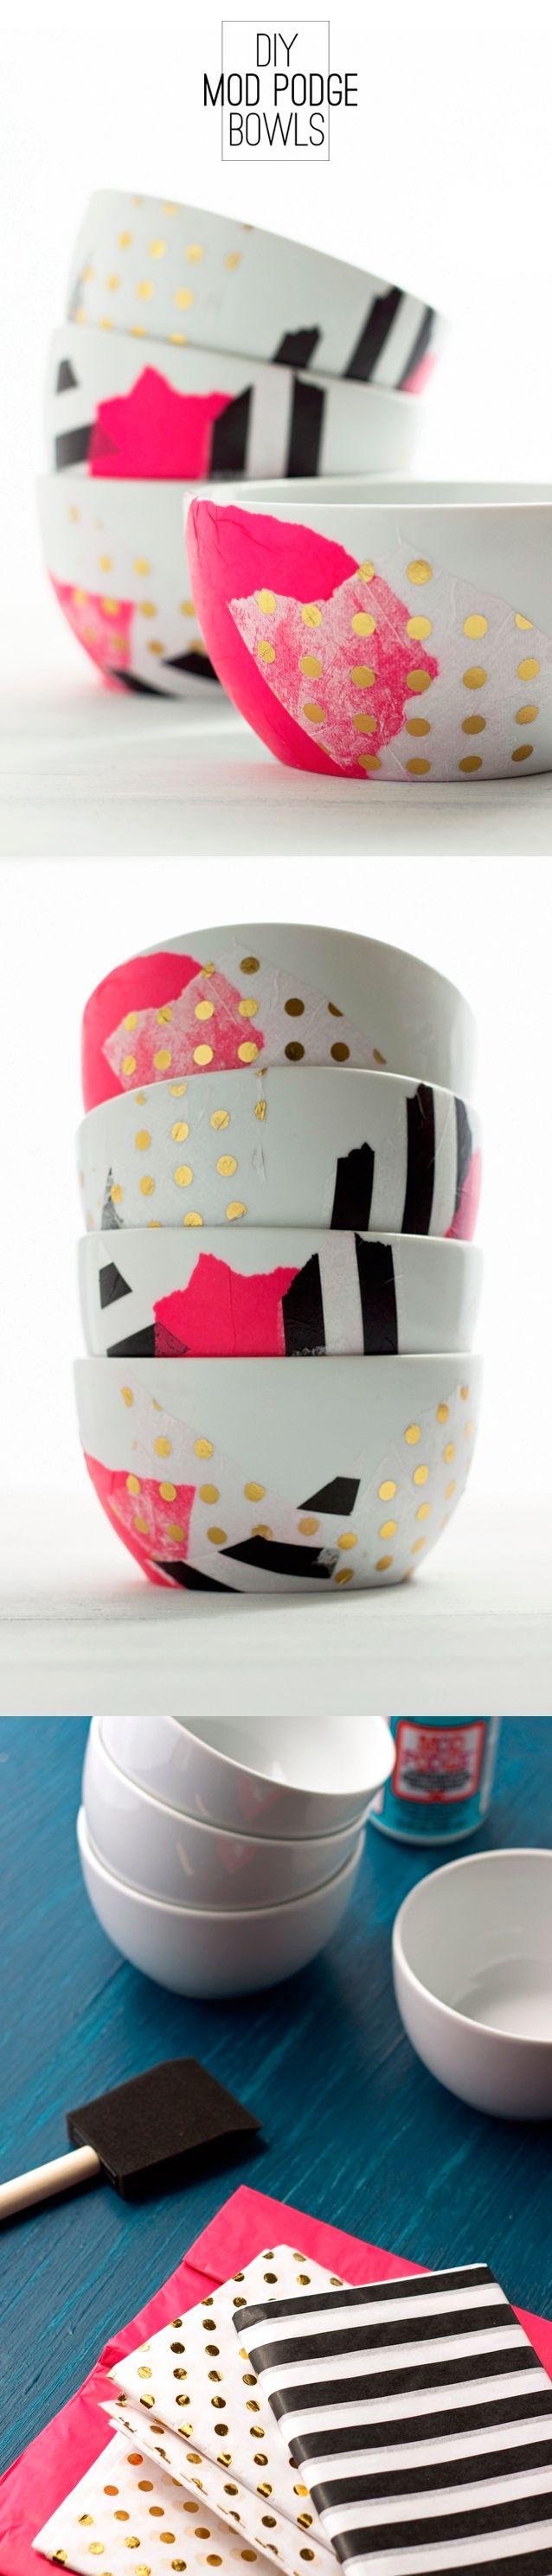 20 min DIY Mod Podge Bowls